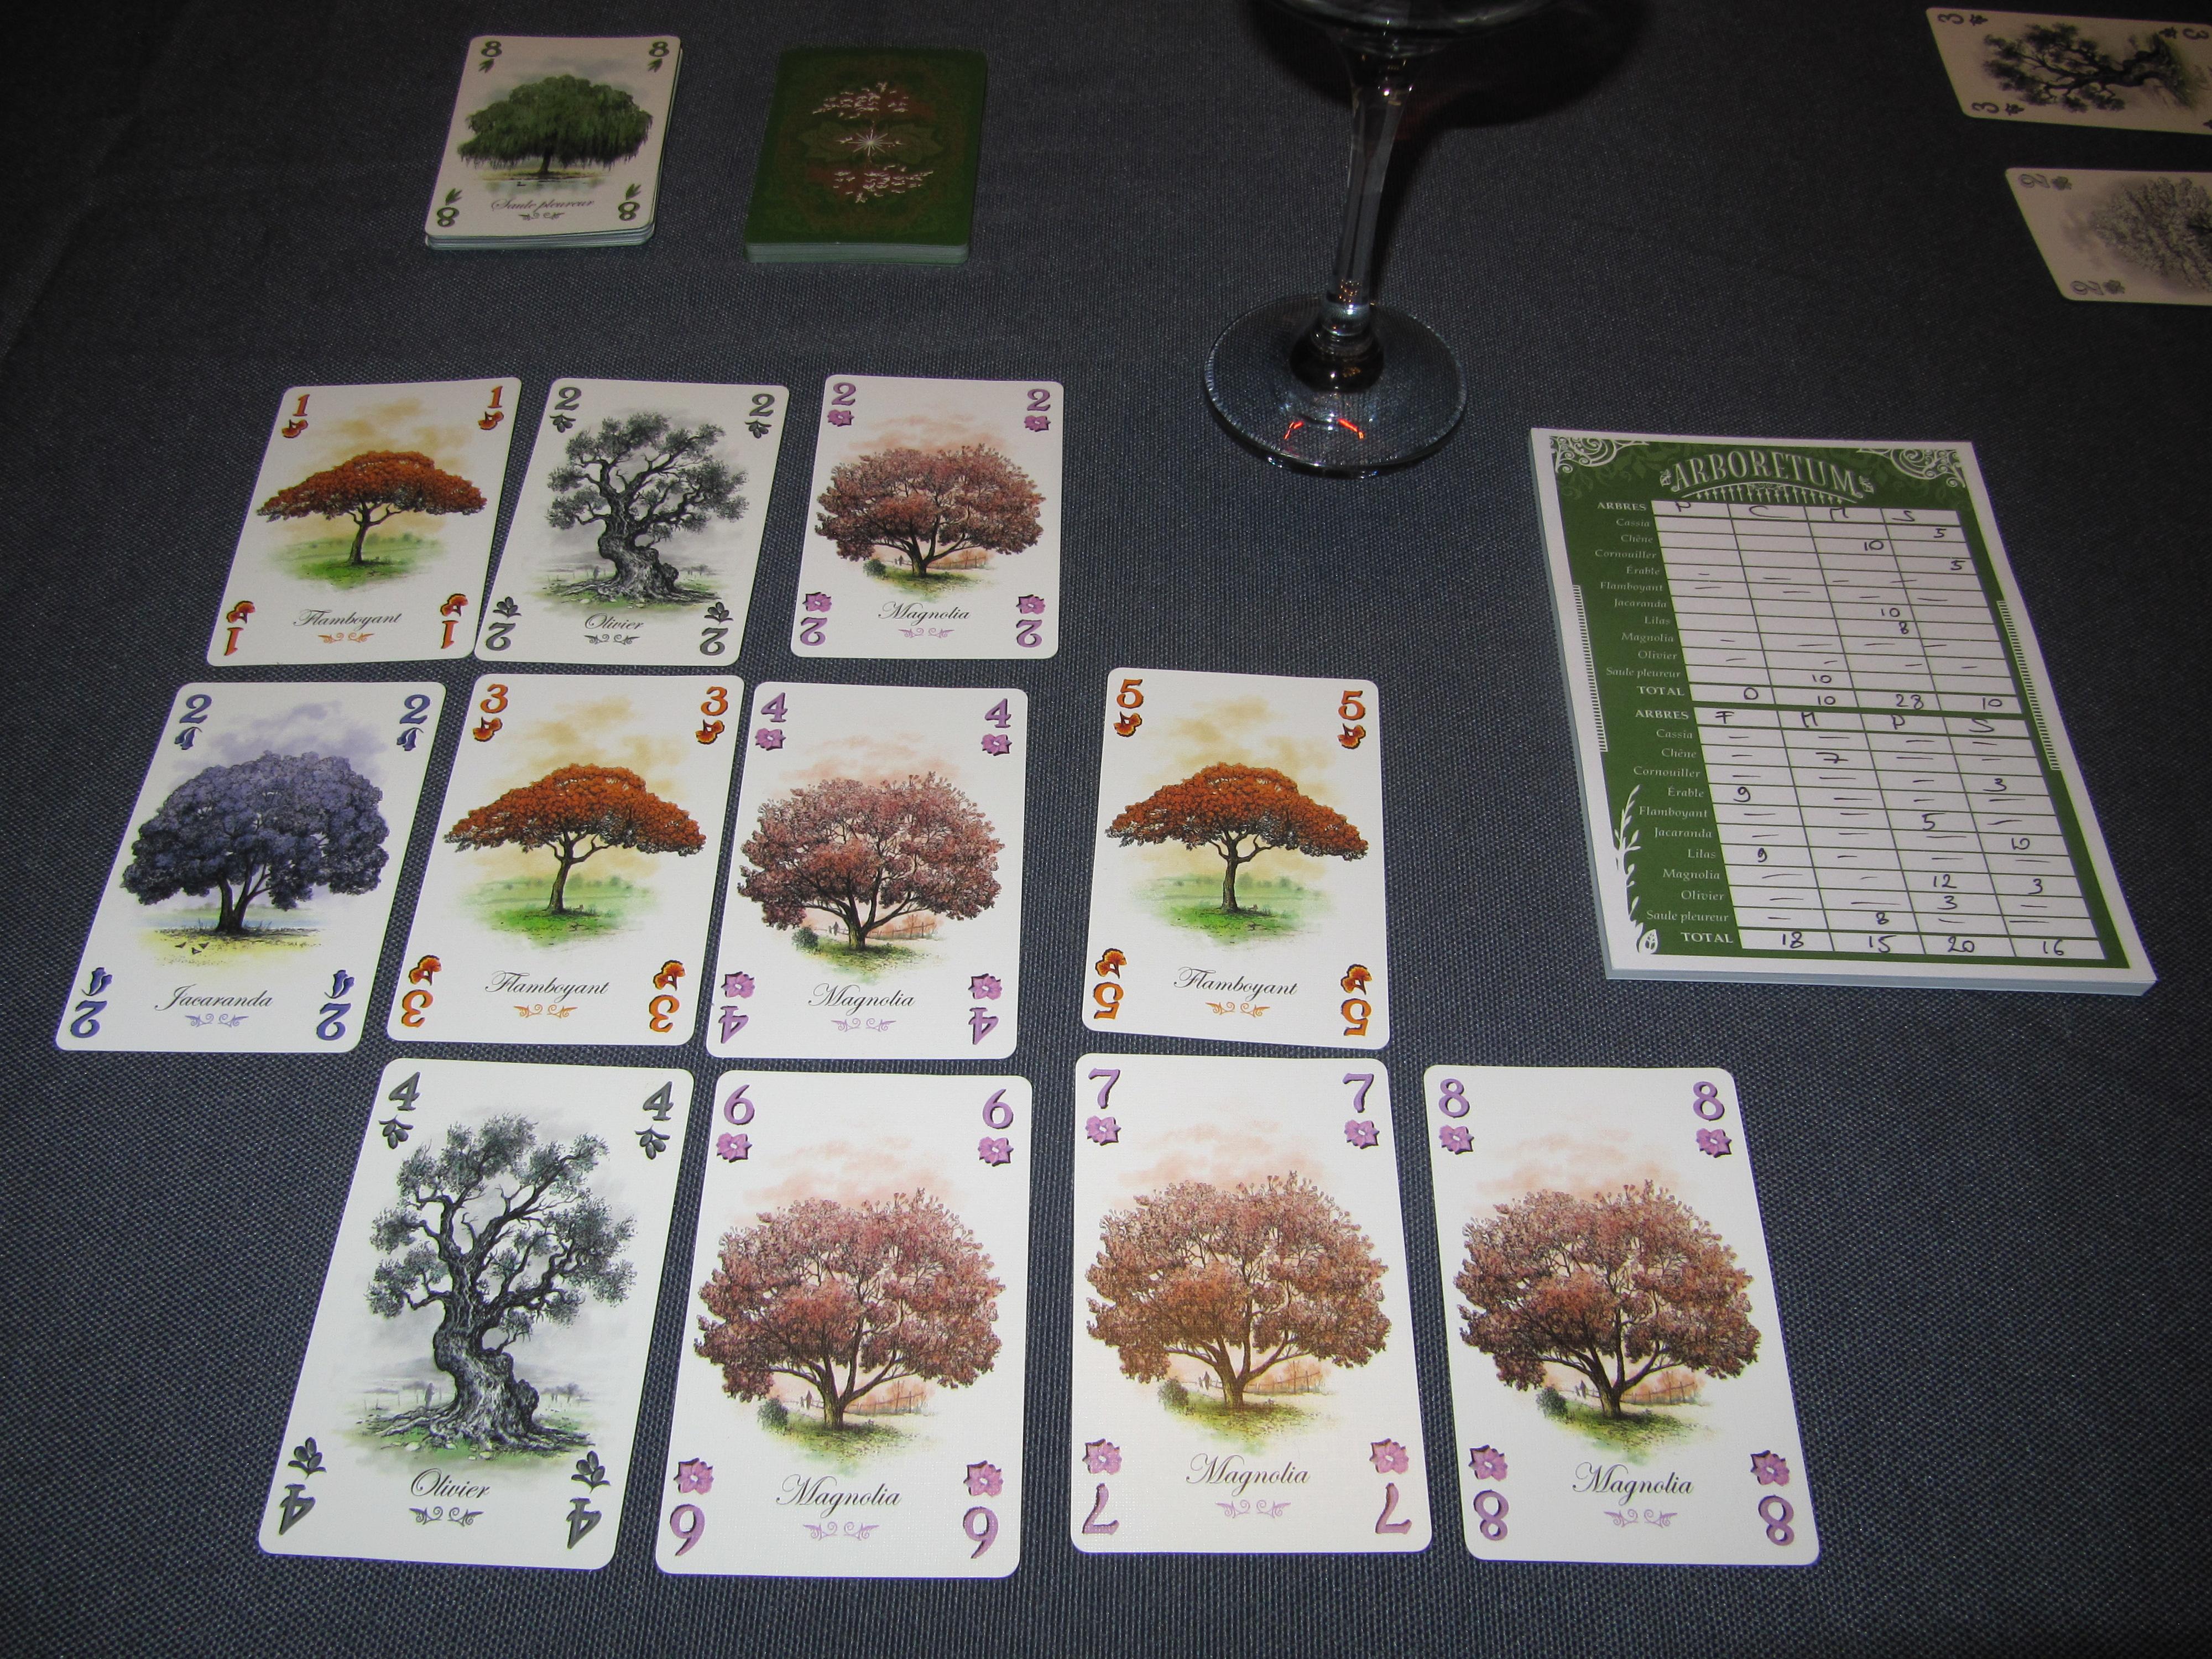 1077 Arboretum 2